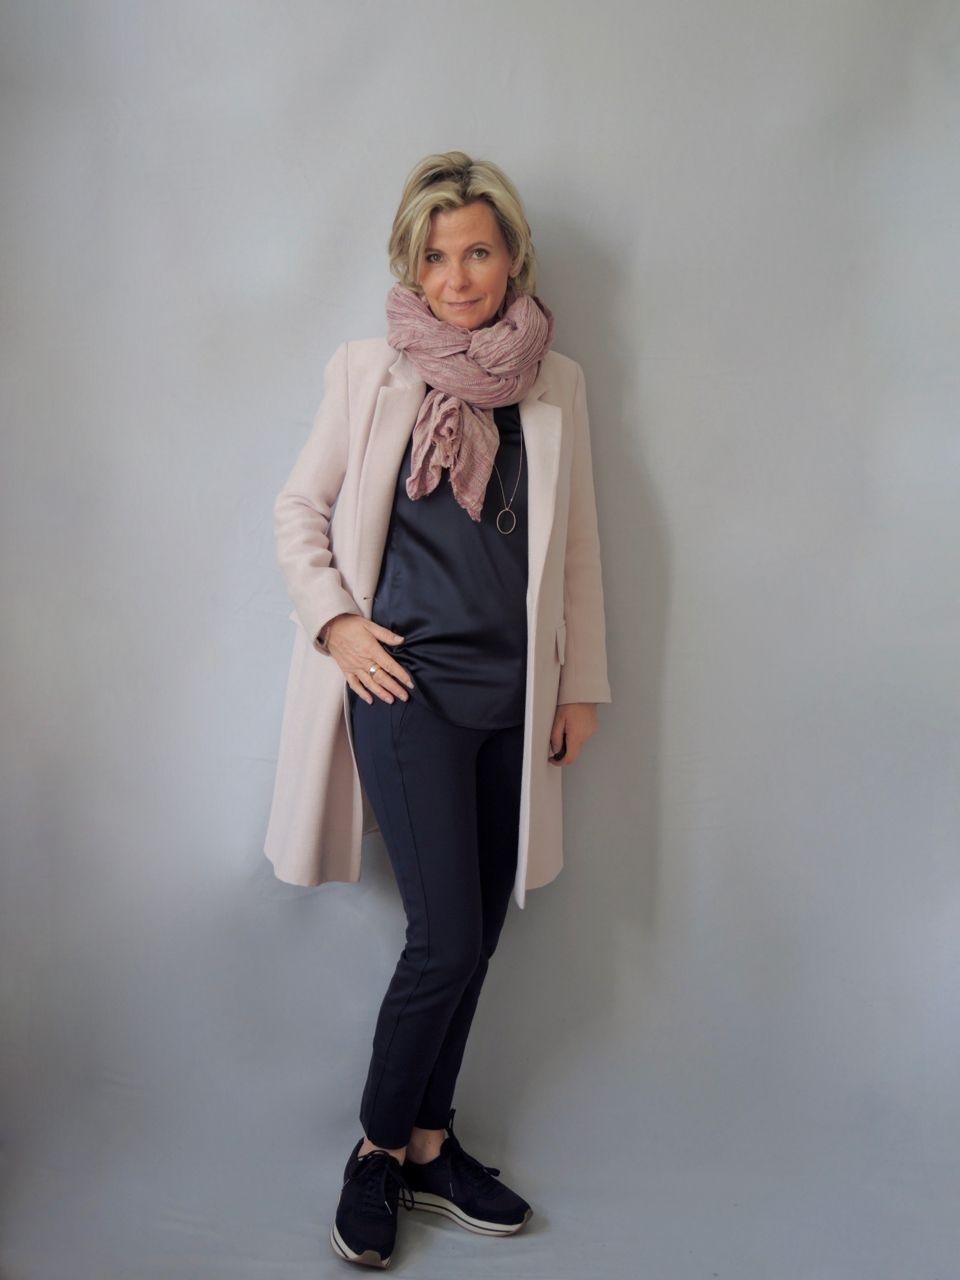 Abend Schön Elegante Kleider Für Die Frau Ab 50 Ärmel15 Schön Elegante Kleider Für Die Frau Ab 50 für 2019